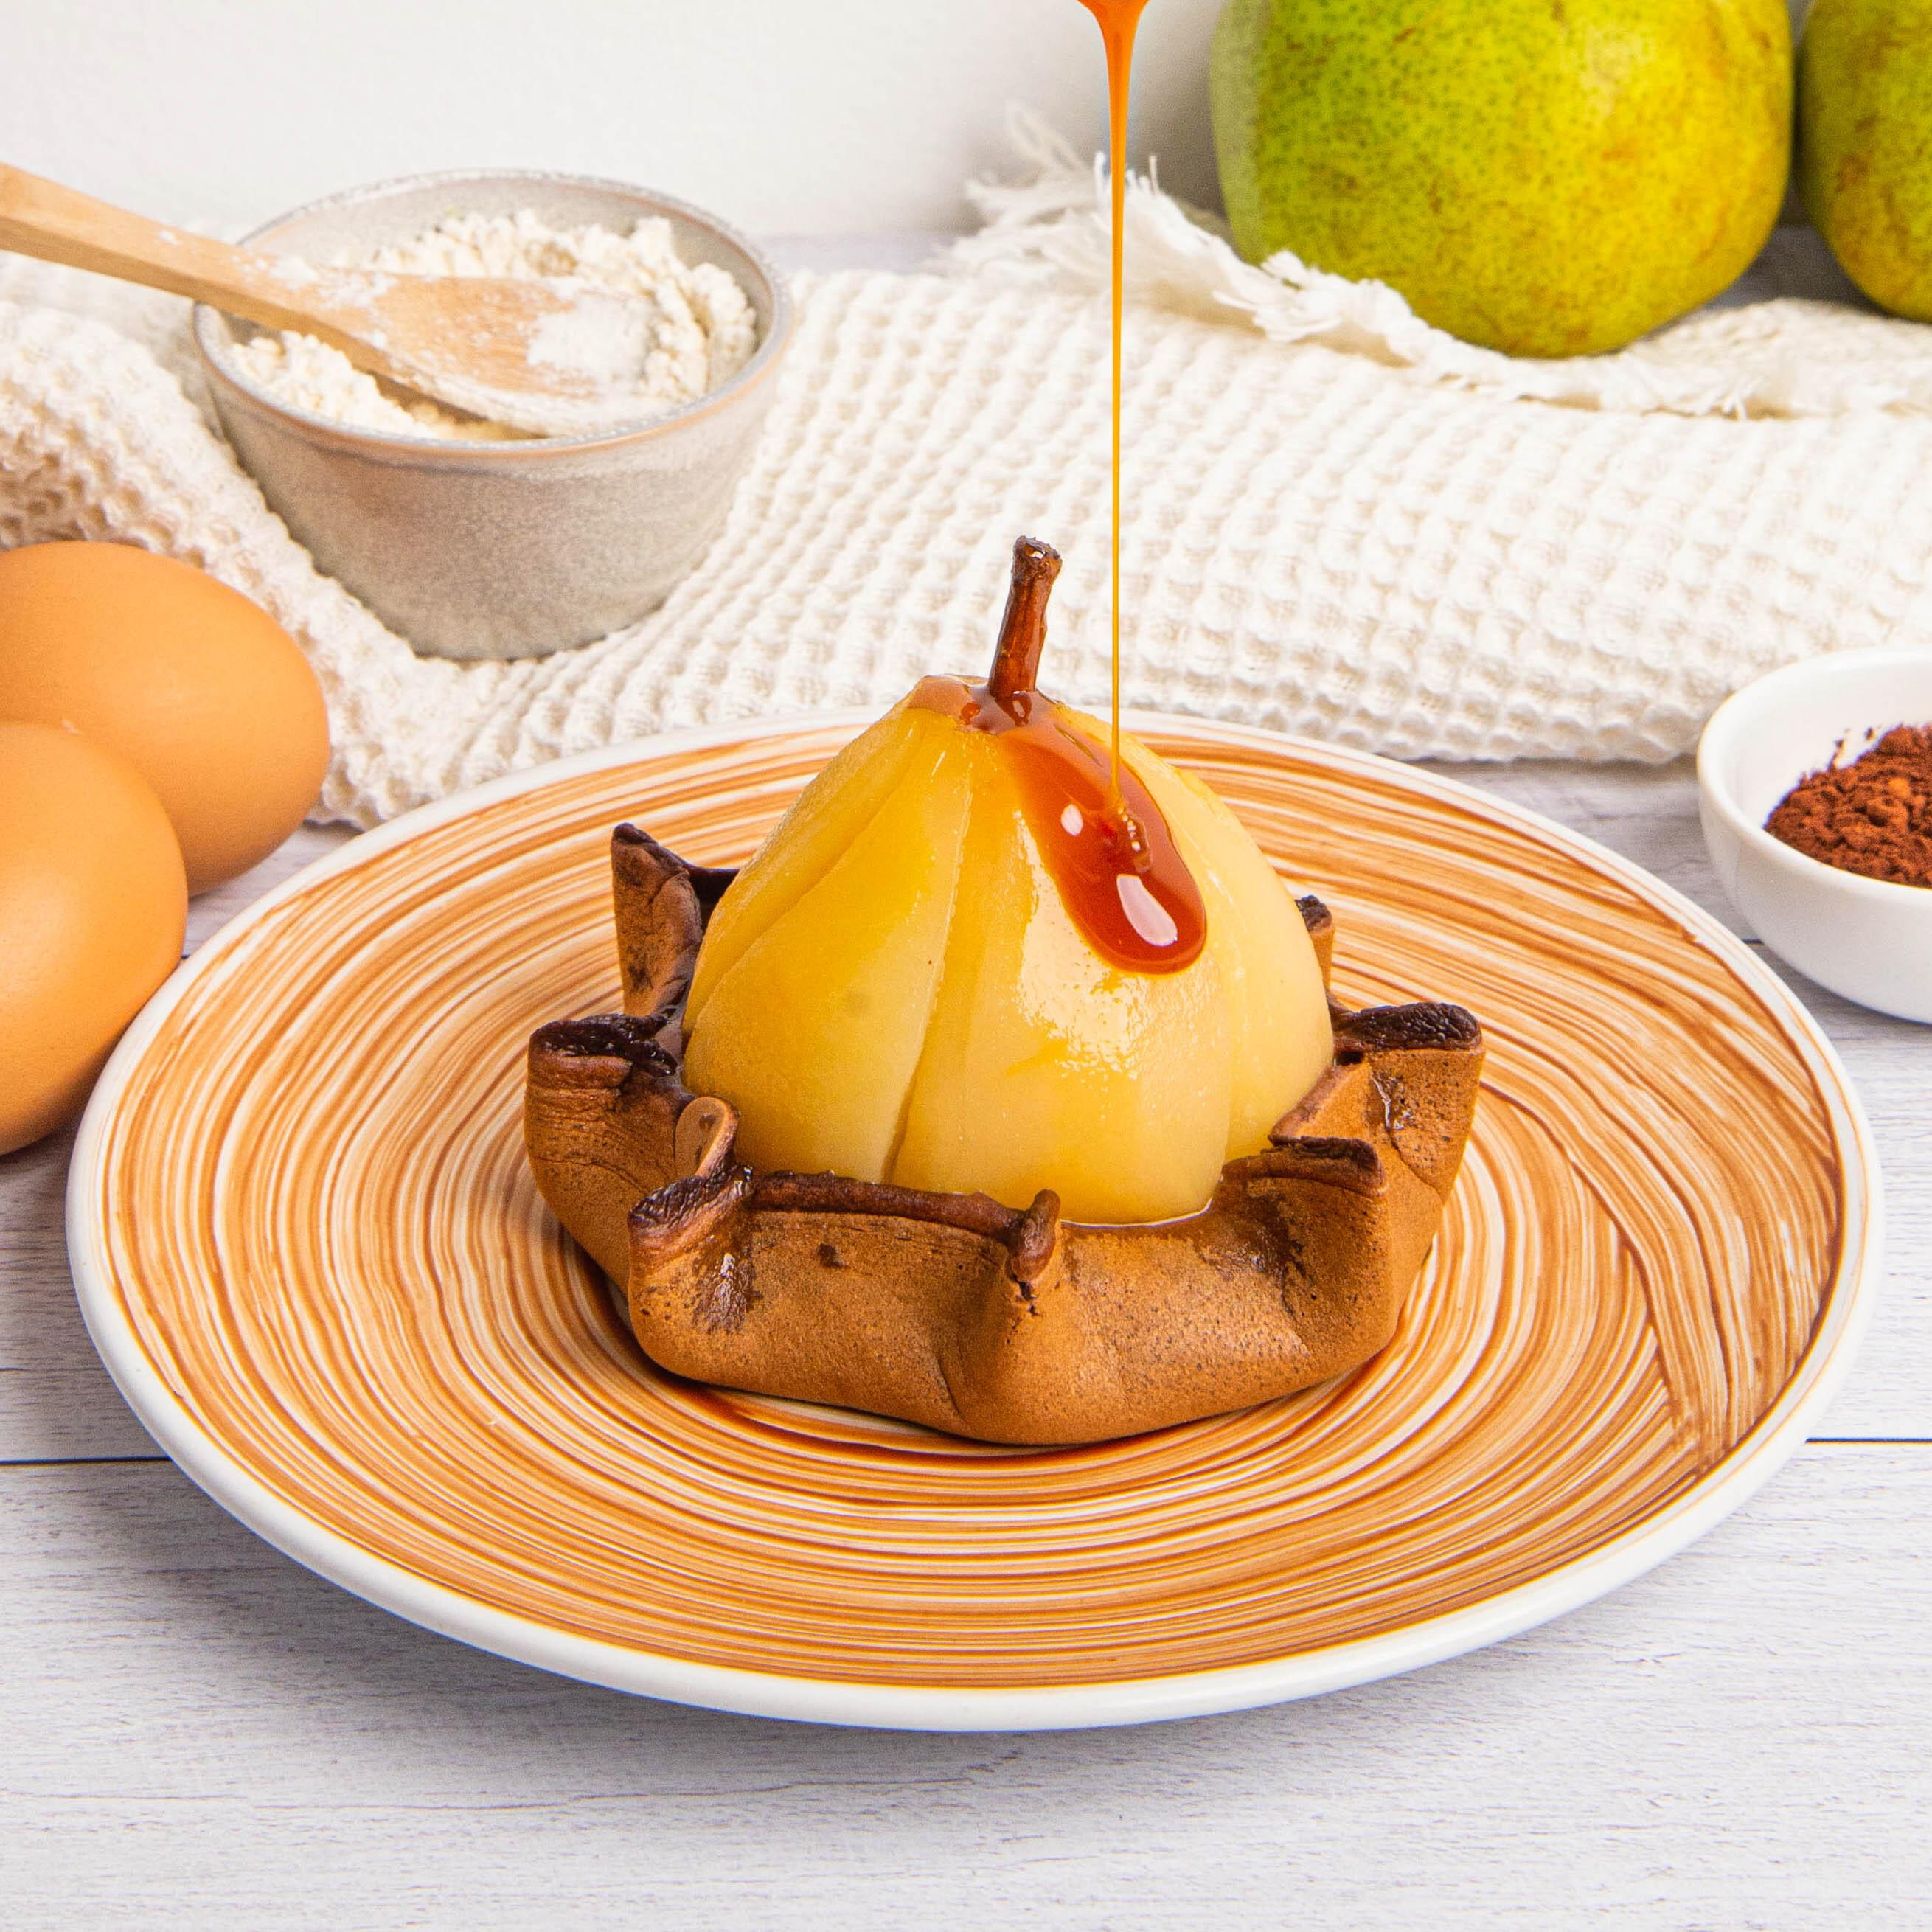 Schoko-Birne auf Pancake